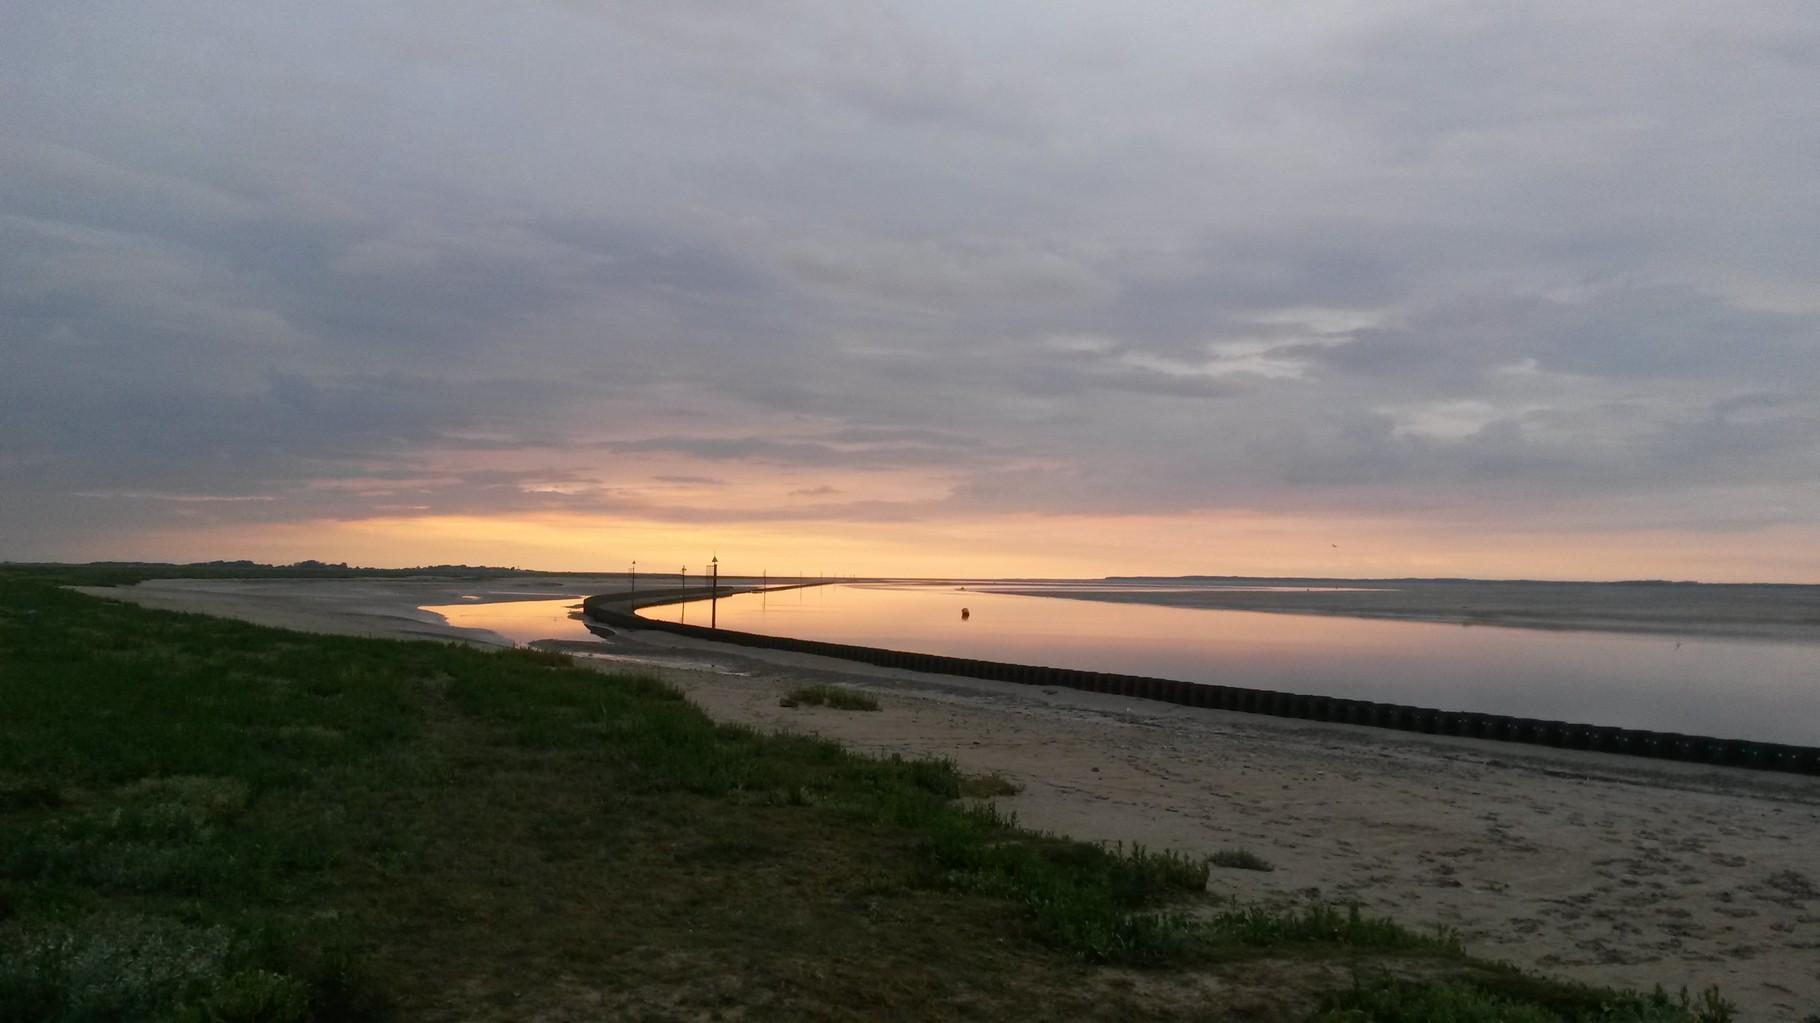 Coucher de soleil entre Saint-Valéry et Le Hourdel - Baie de Somme